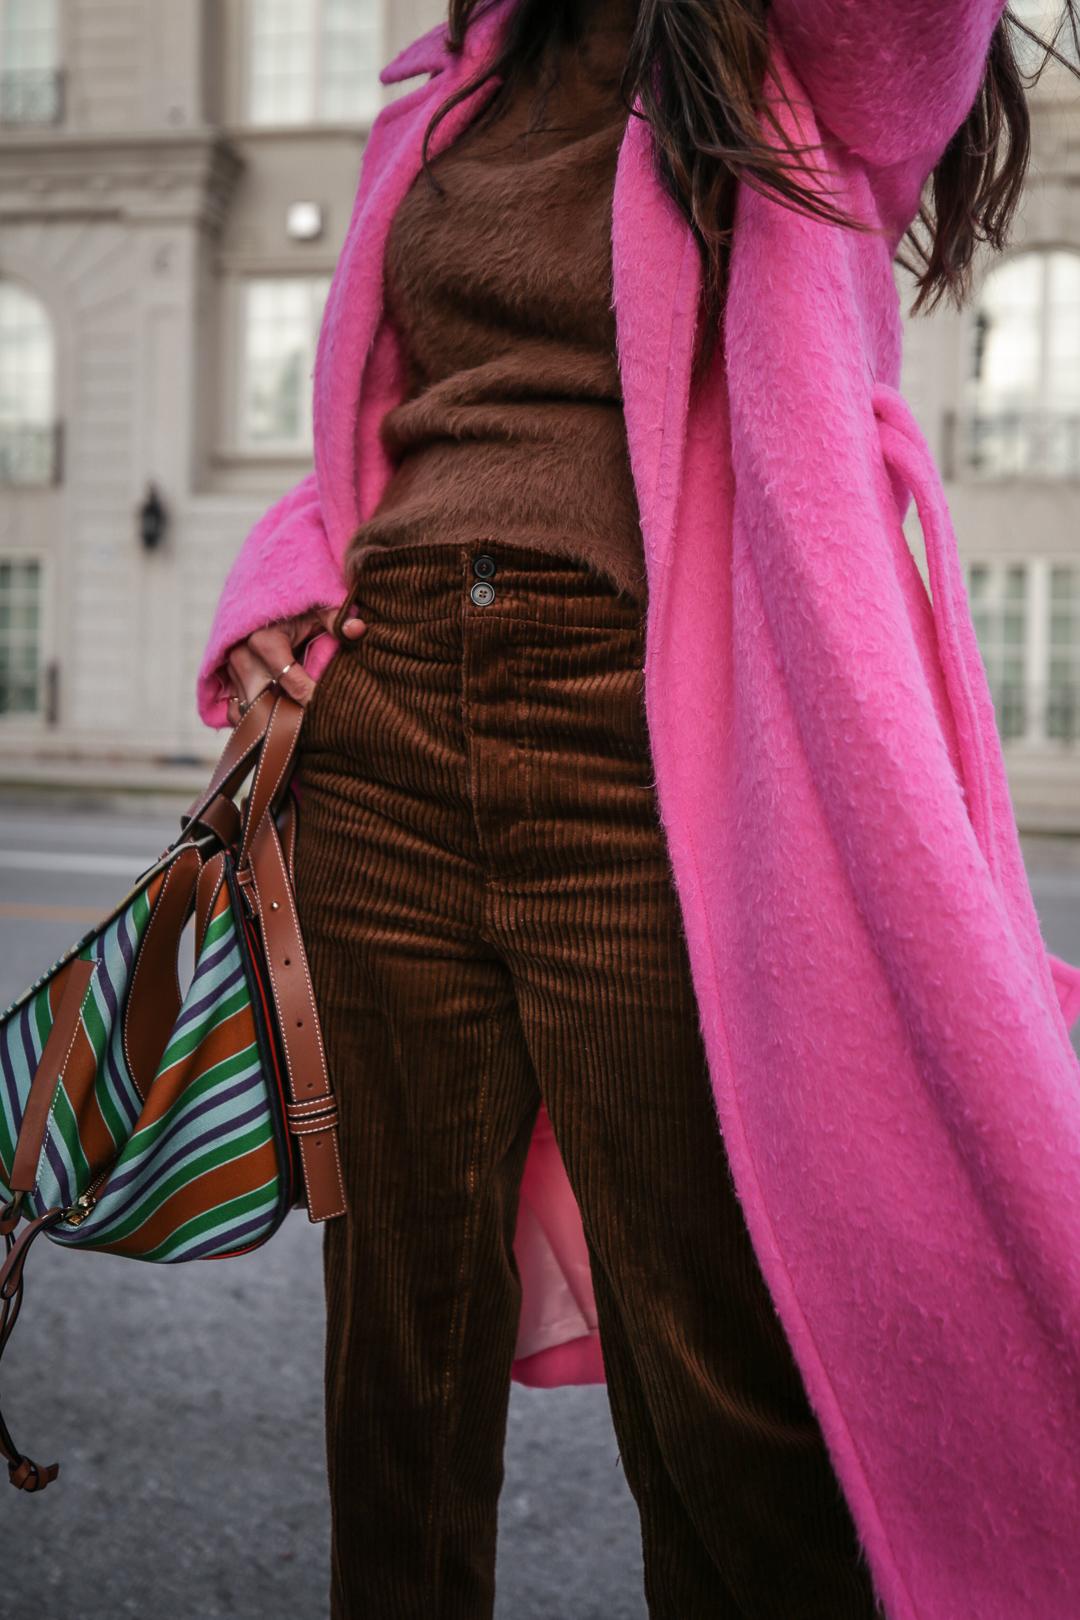 Nathalie Martin wearing Helmut Lang pink belt tie wool coat, brown corduroy pants, Zara brown textured sweater, Prada brown suede mules, Loewe striped Hammock bag, Bonlook Class sunglasses, street style, woahstyle.com_5220.jpg